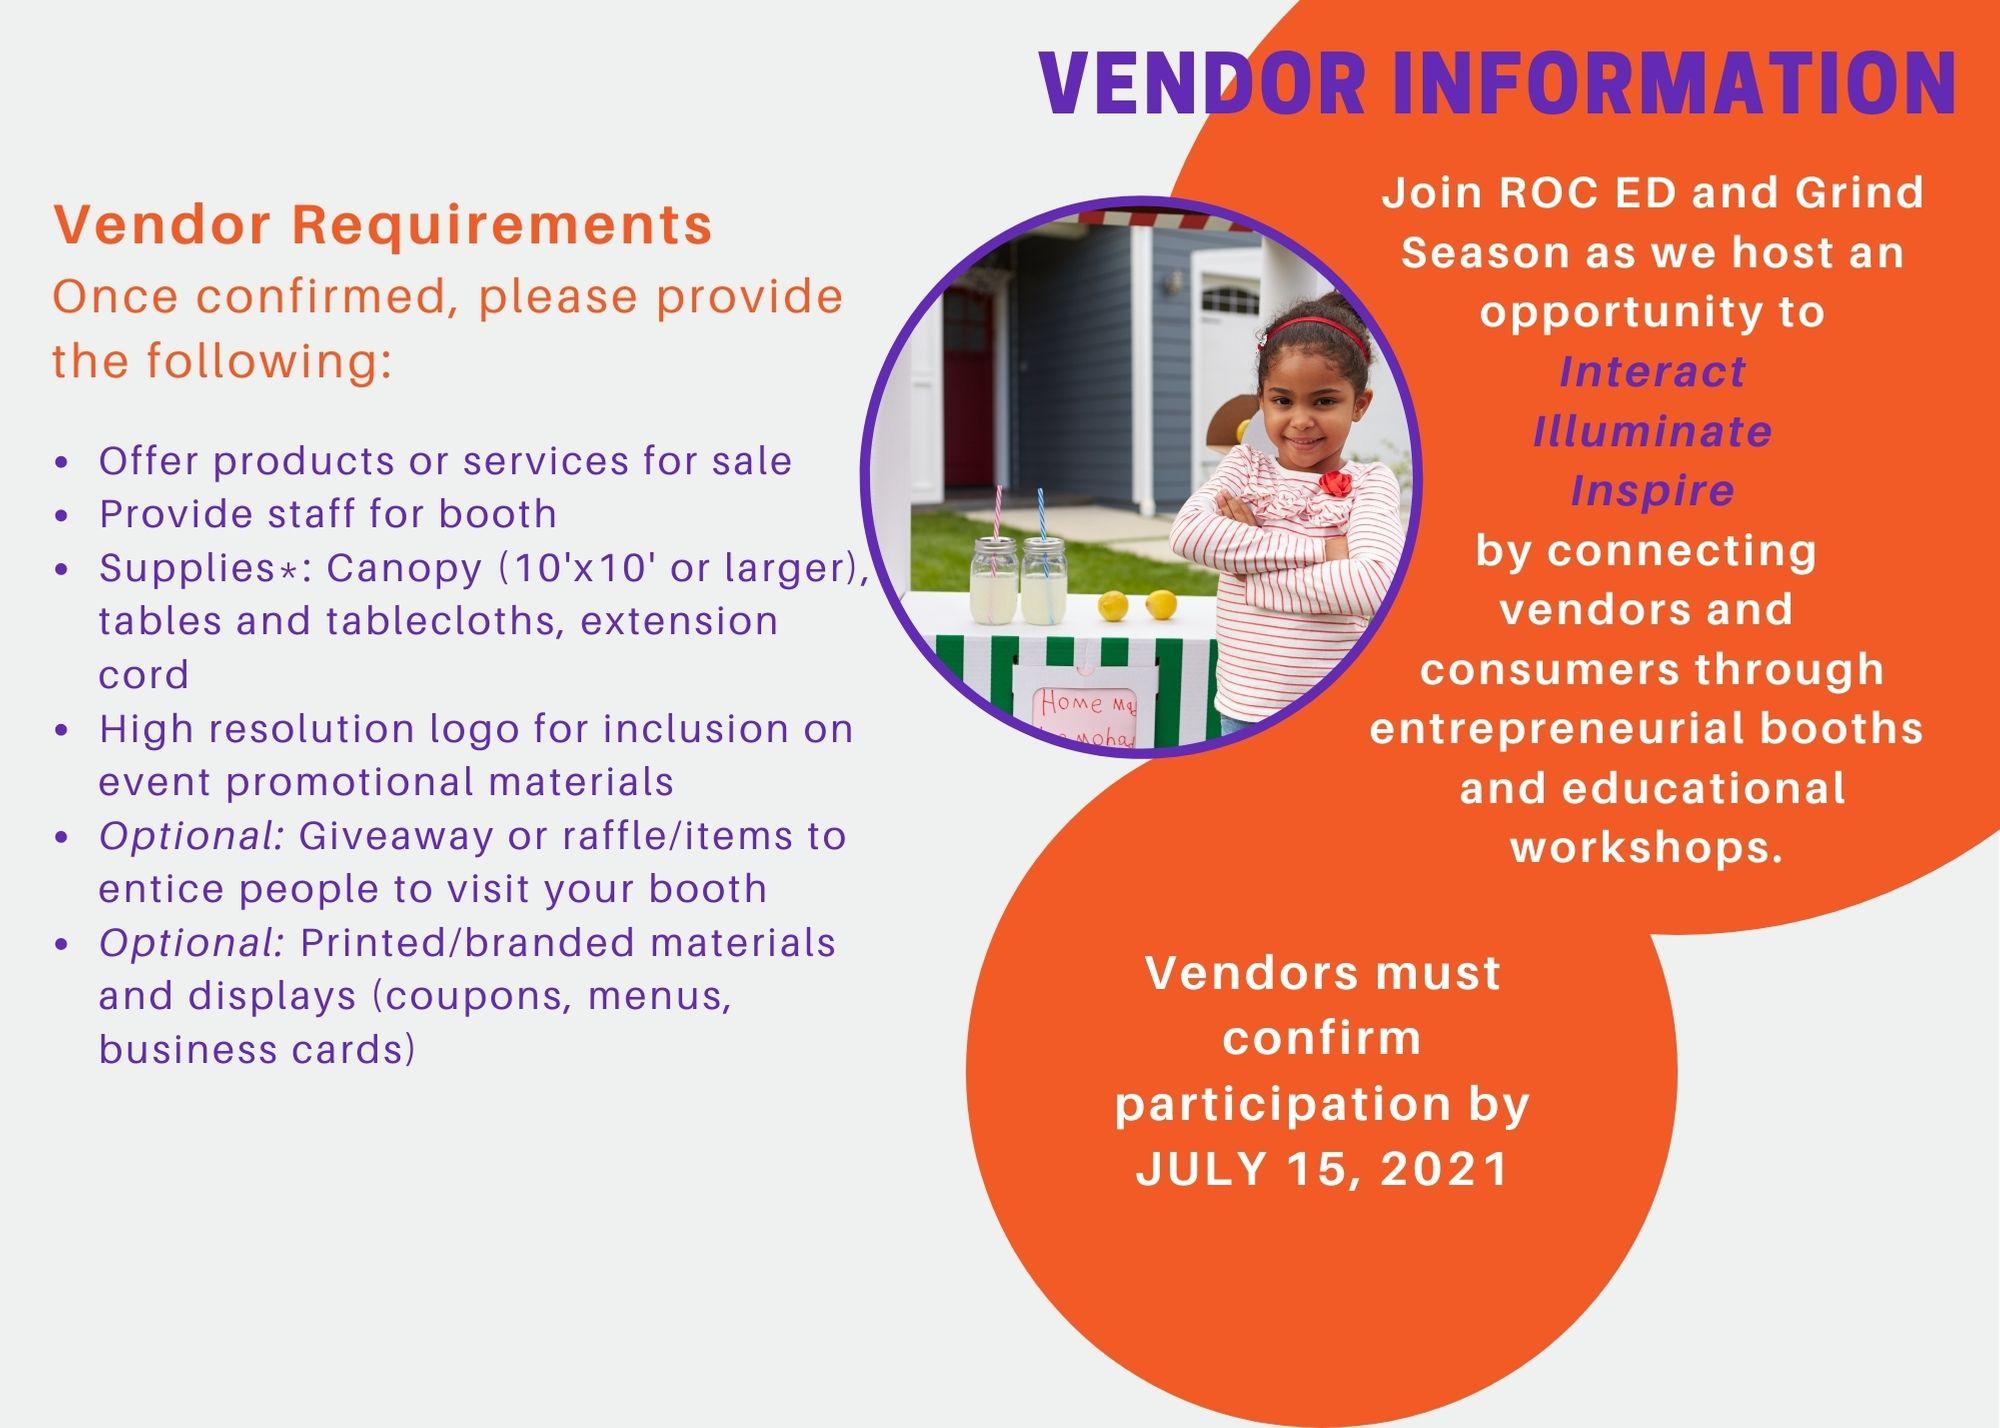 Vendor Requirements